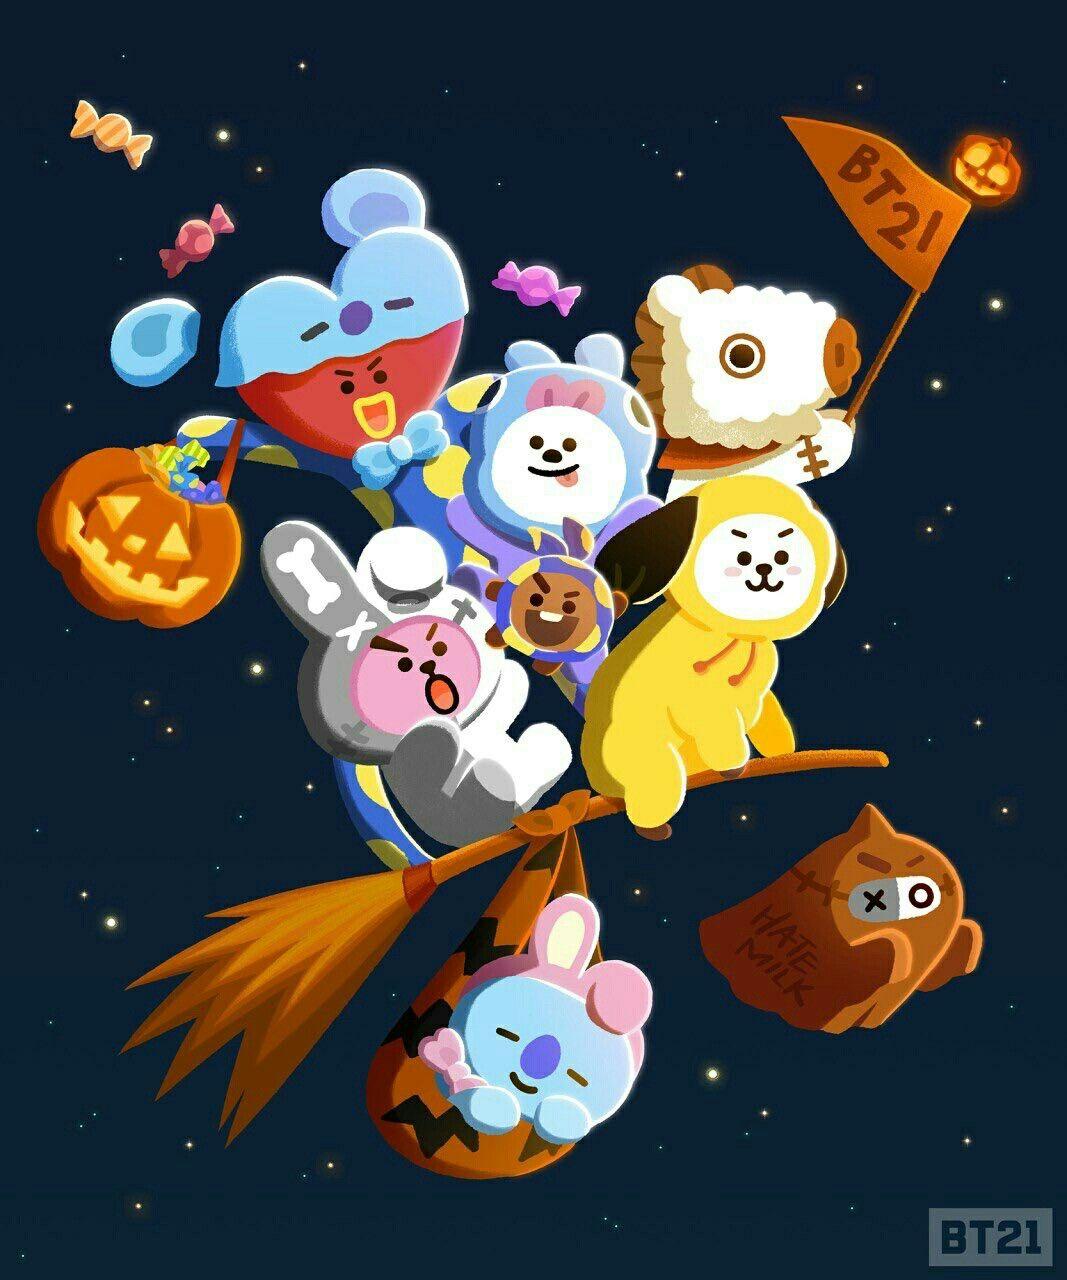 Bt21 Halloween Costume Bts Halloween Bts Chibi Cute Wallpapers